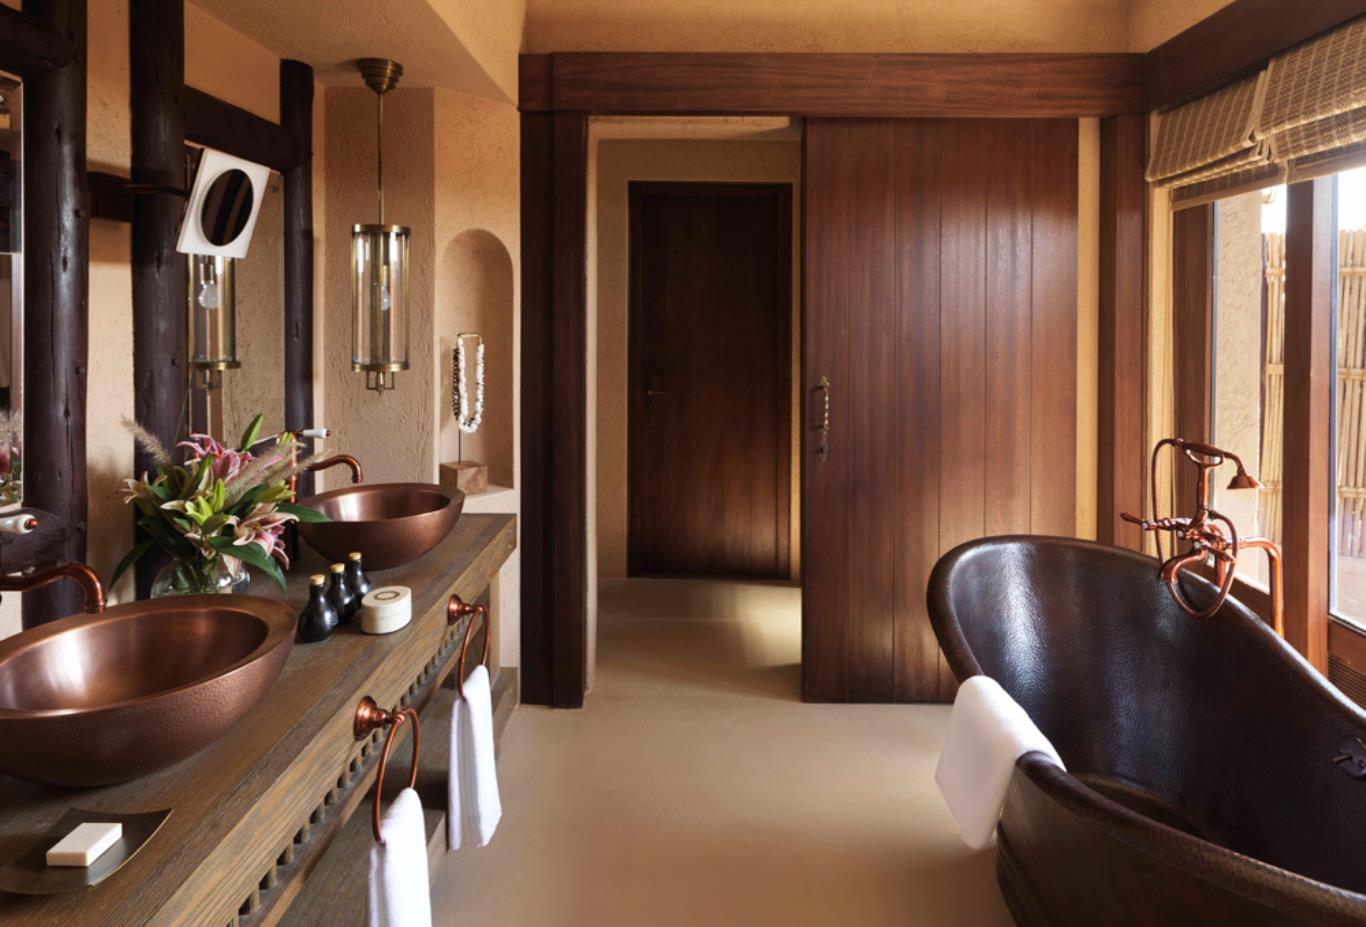 Villa_bathroom